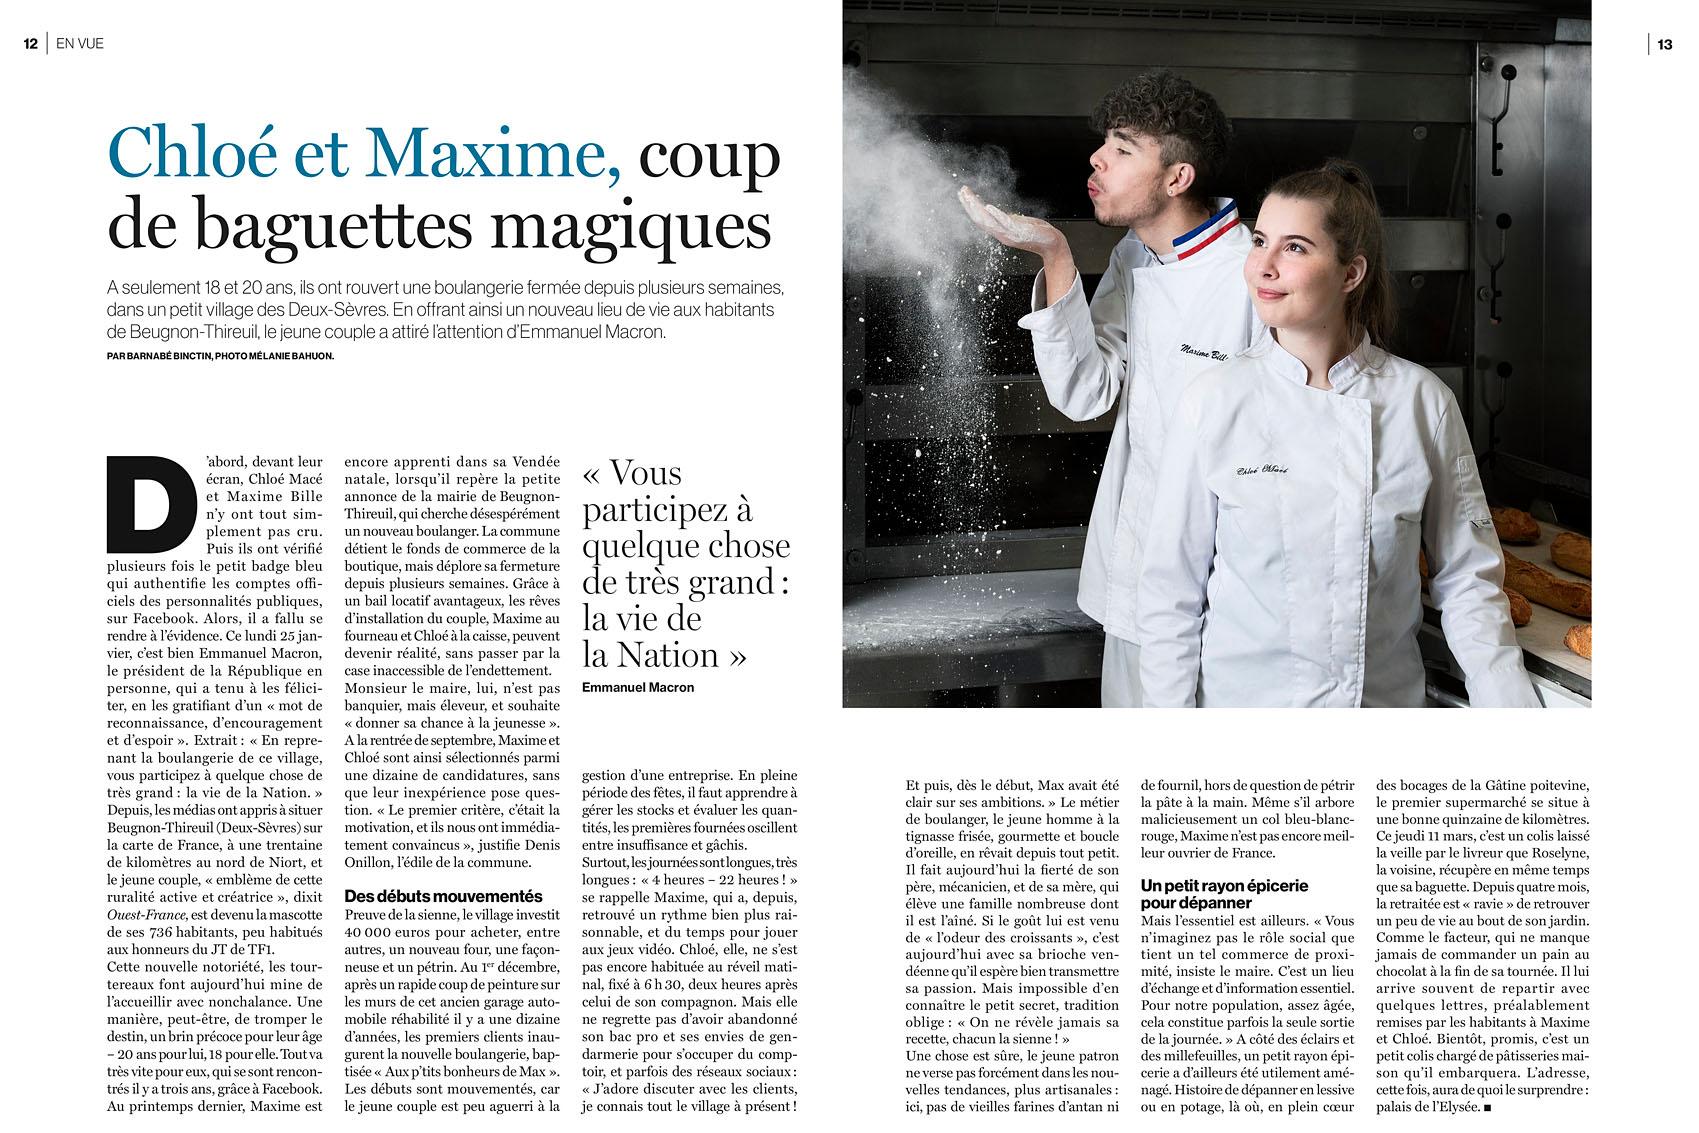 Chloé et Maxime à Beugnon-Thireuil dans les Deux-Sèvres pour Le Parisien Week-End du 19 mars 2021.